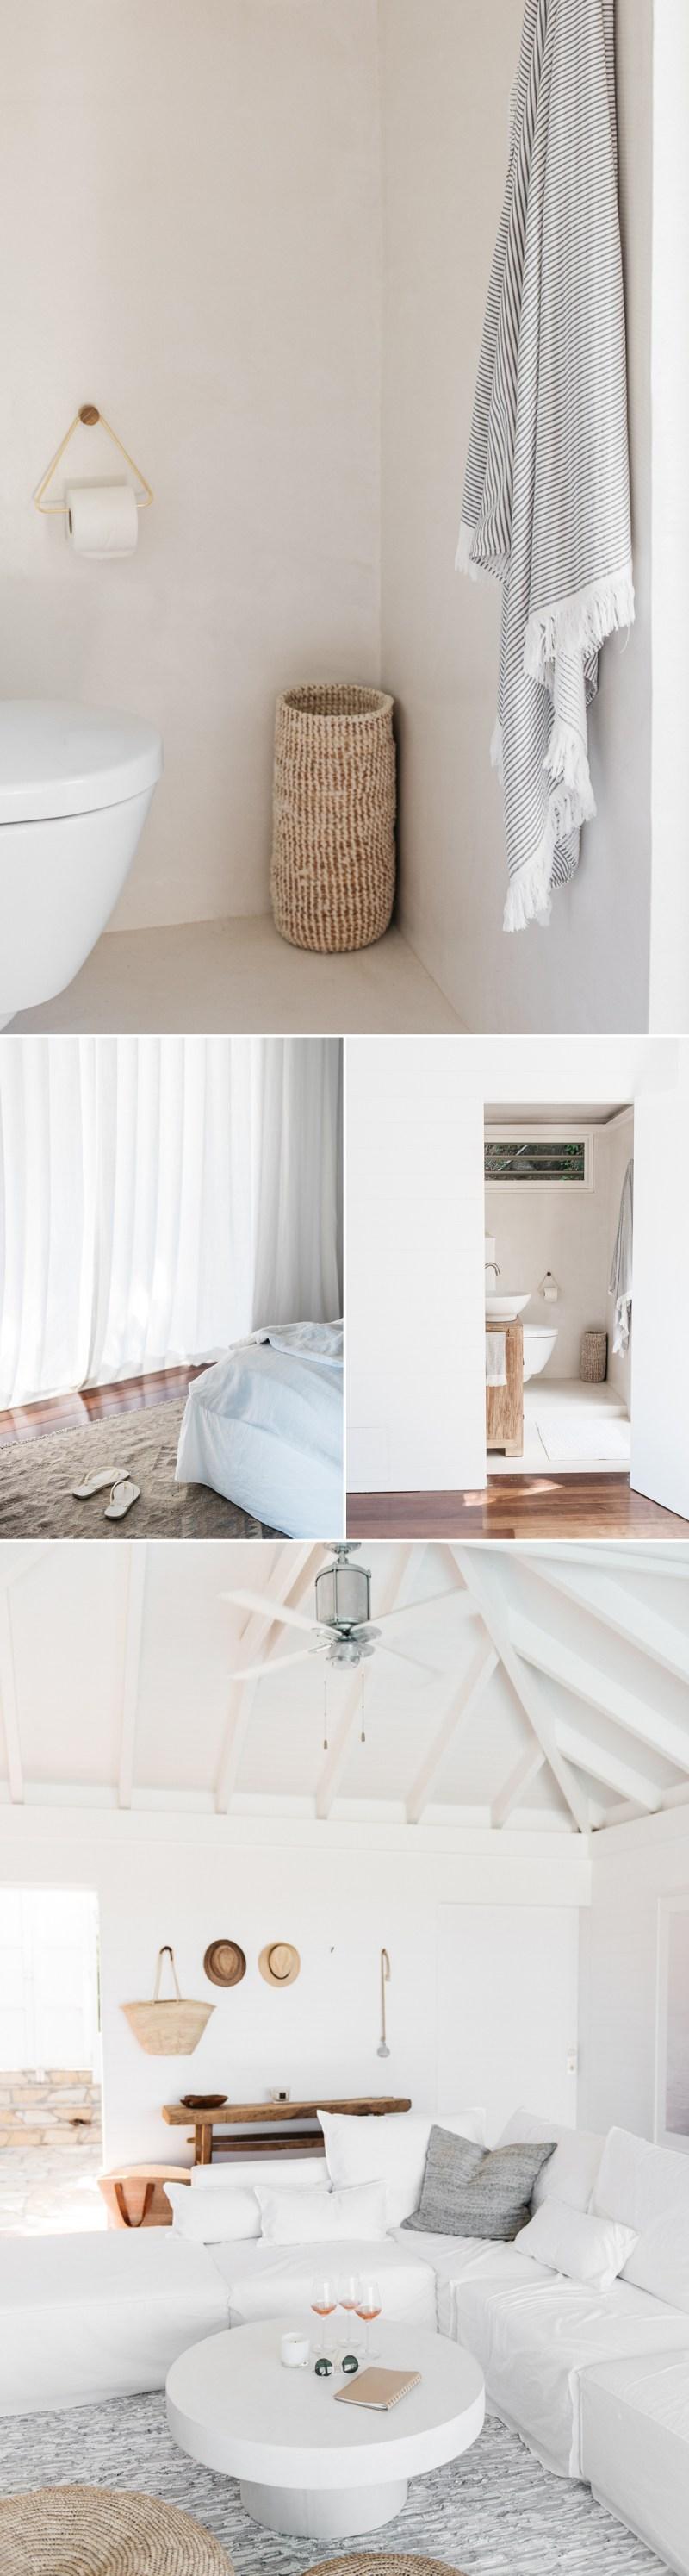 Binnenkijken | Zomers wit wonen op St. Barth - Woonblog StijlvolStyling.com